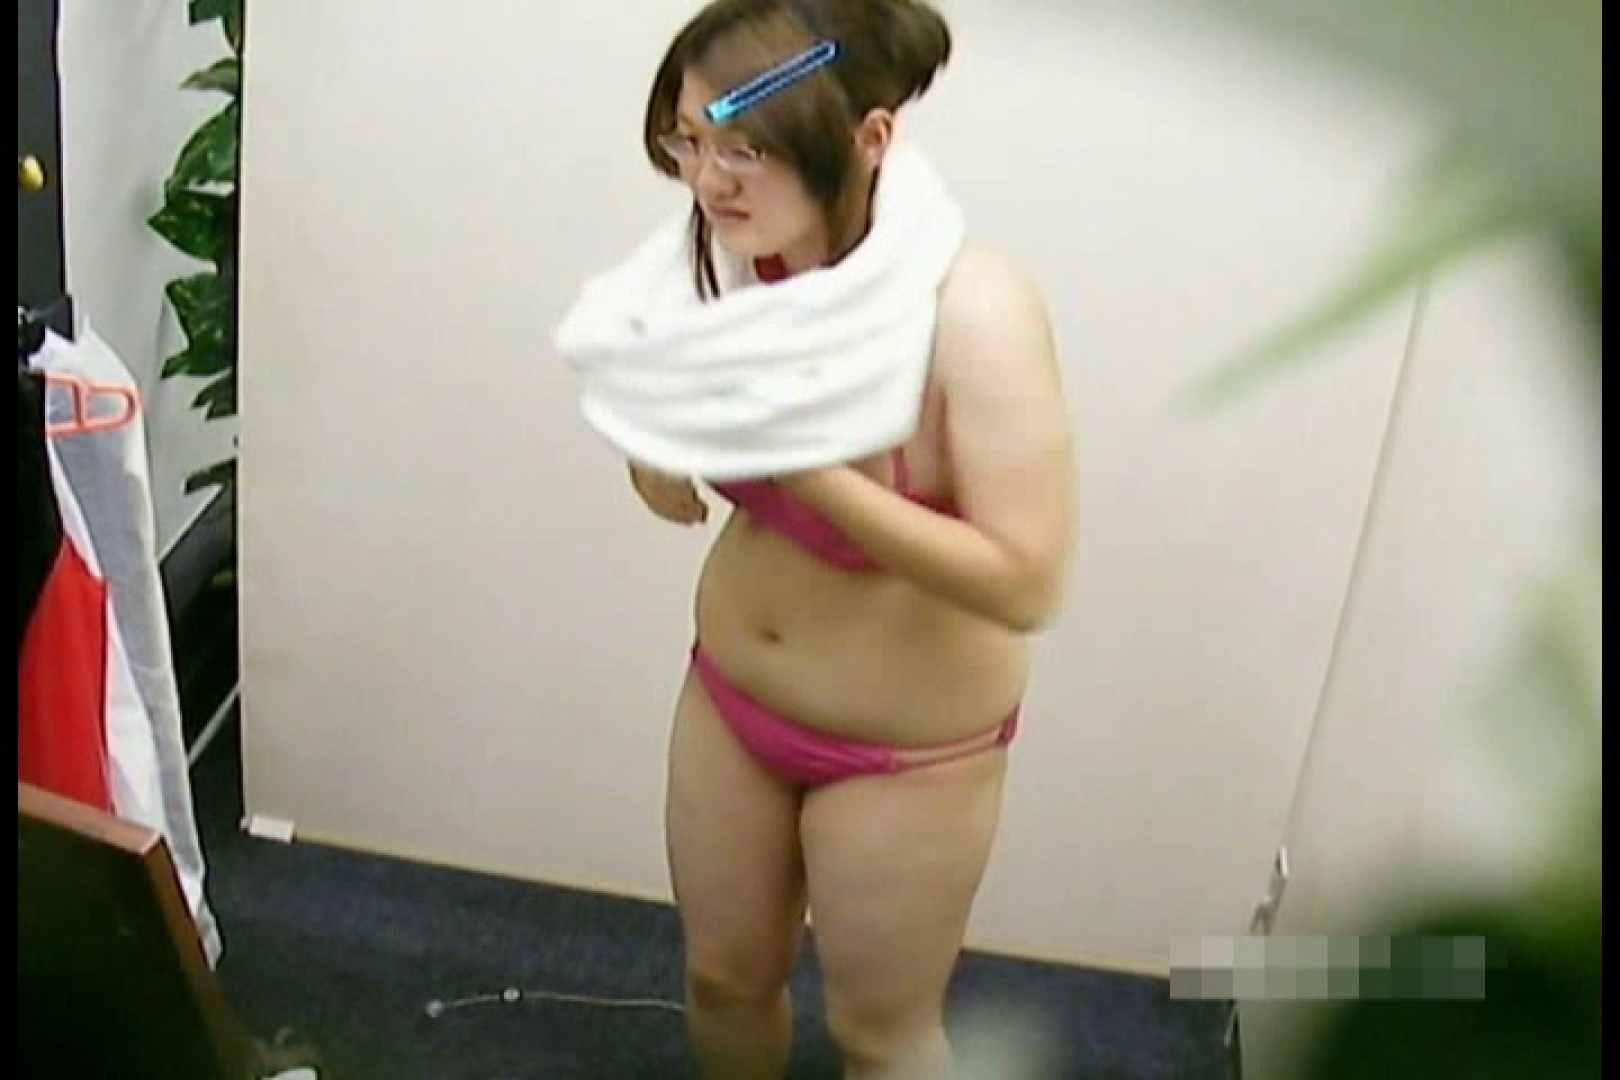 素人撮影 下着だけの撮影のはずが・・・えりか18歳 隠撮 | ギャルの乳首  76画像 46